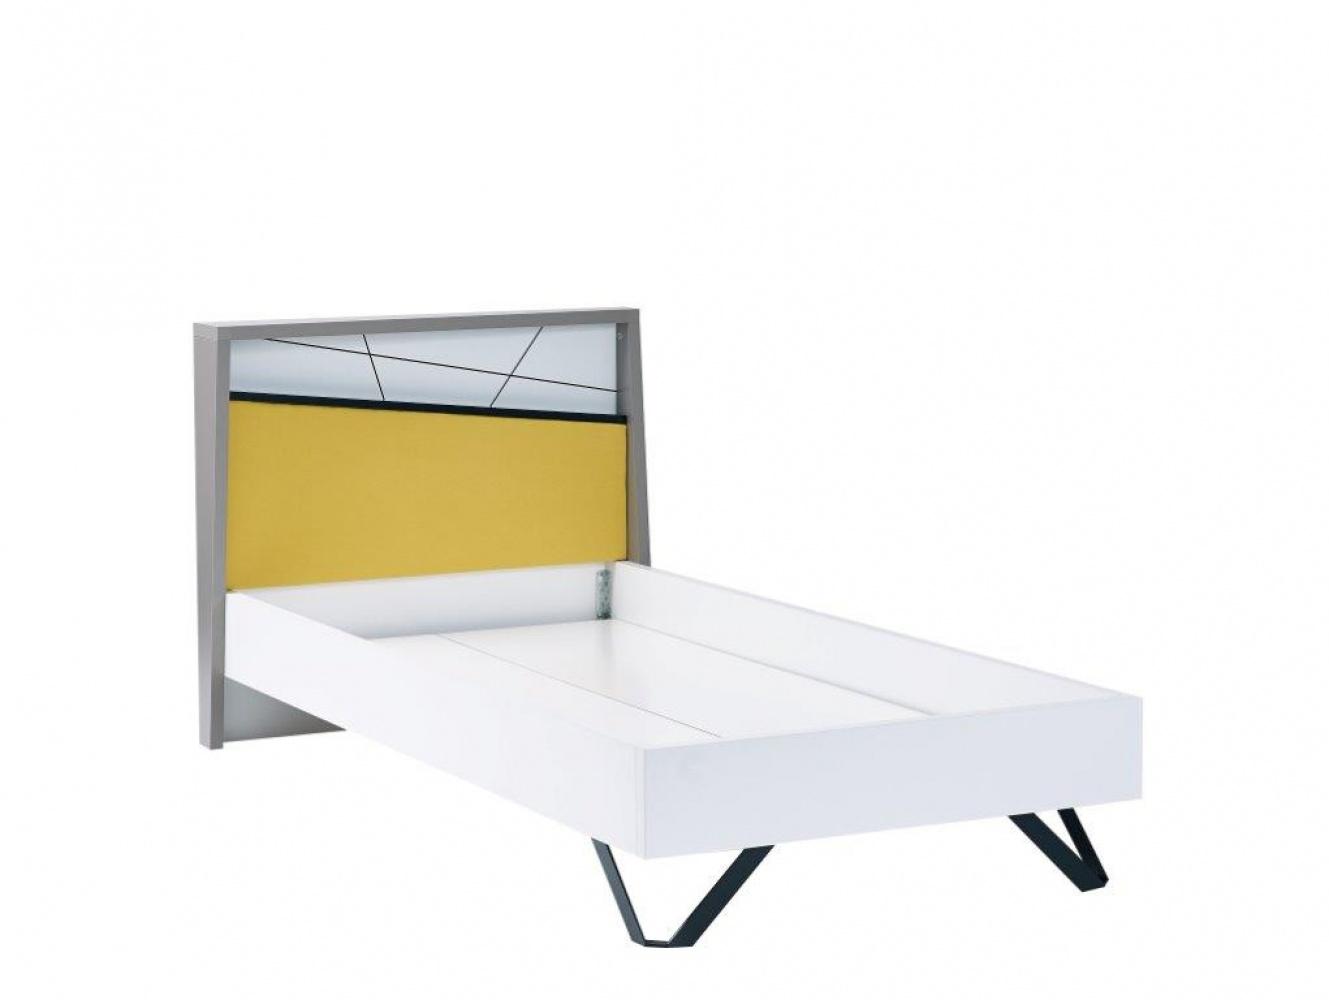 Almila Design Jugendbett Vector in 100x200